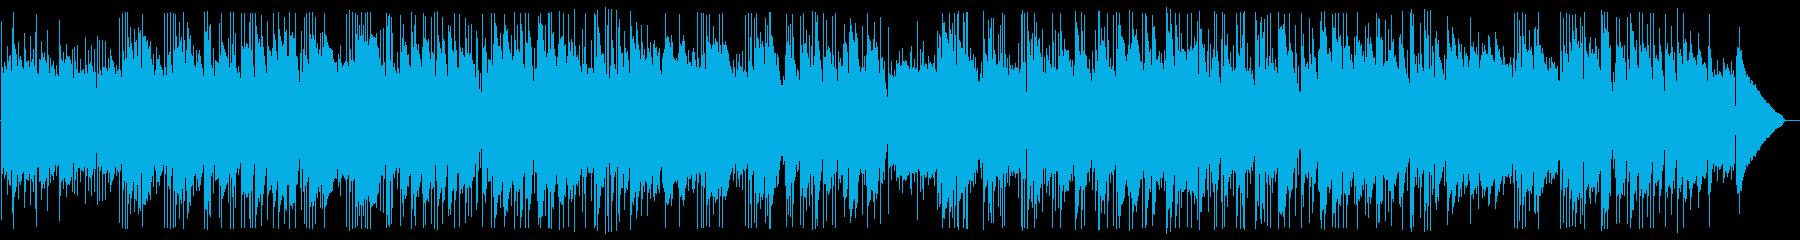 ギターデュオのヒーリングの再生済みの波形